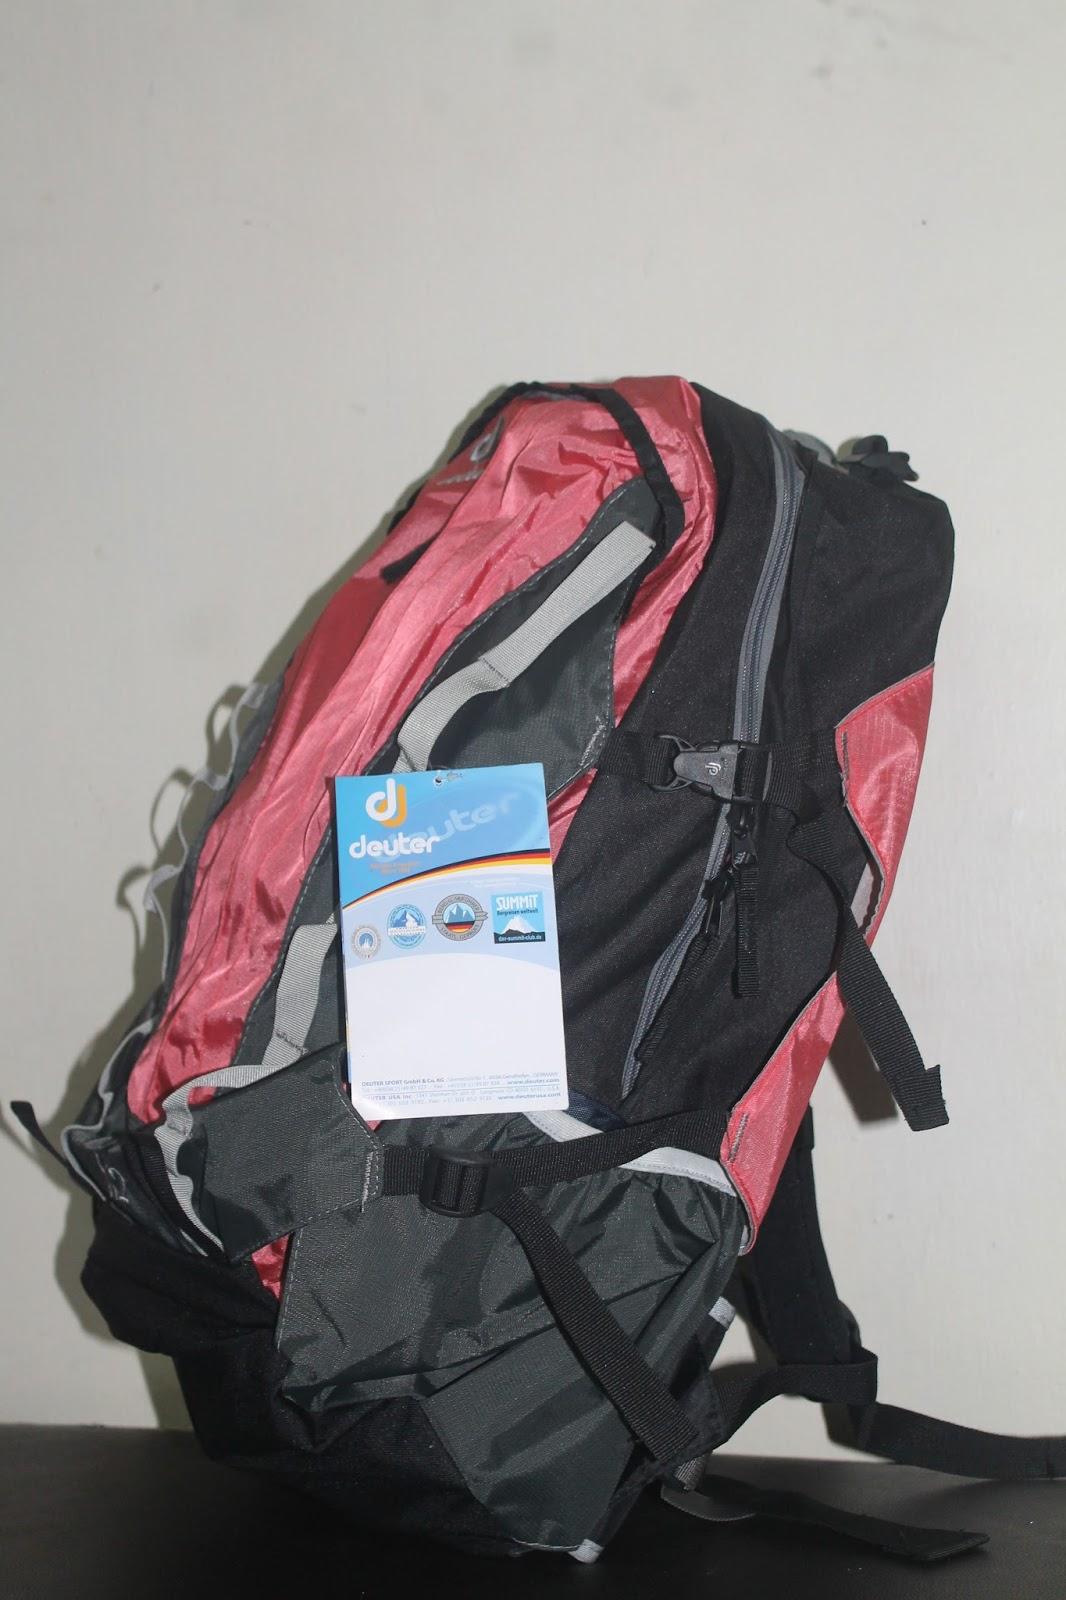 K2 Deuter Travel Bag Deuter Vietnam Karimor Backpacks